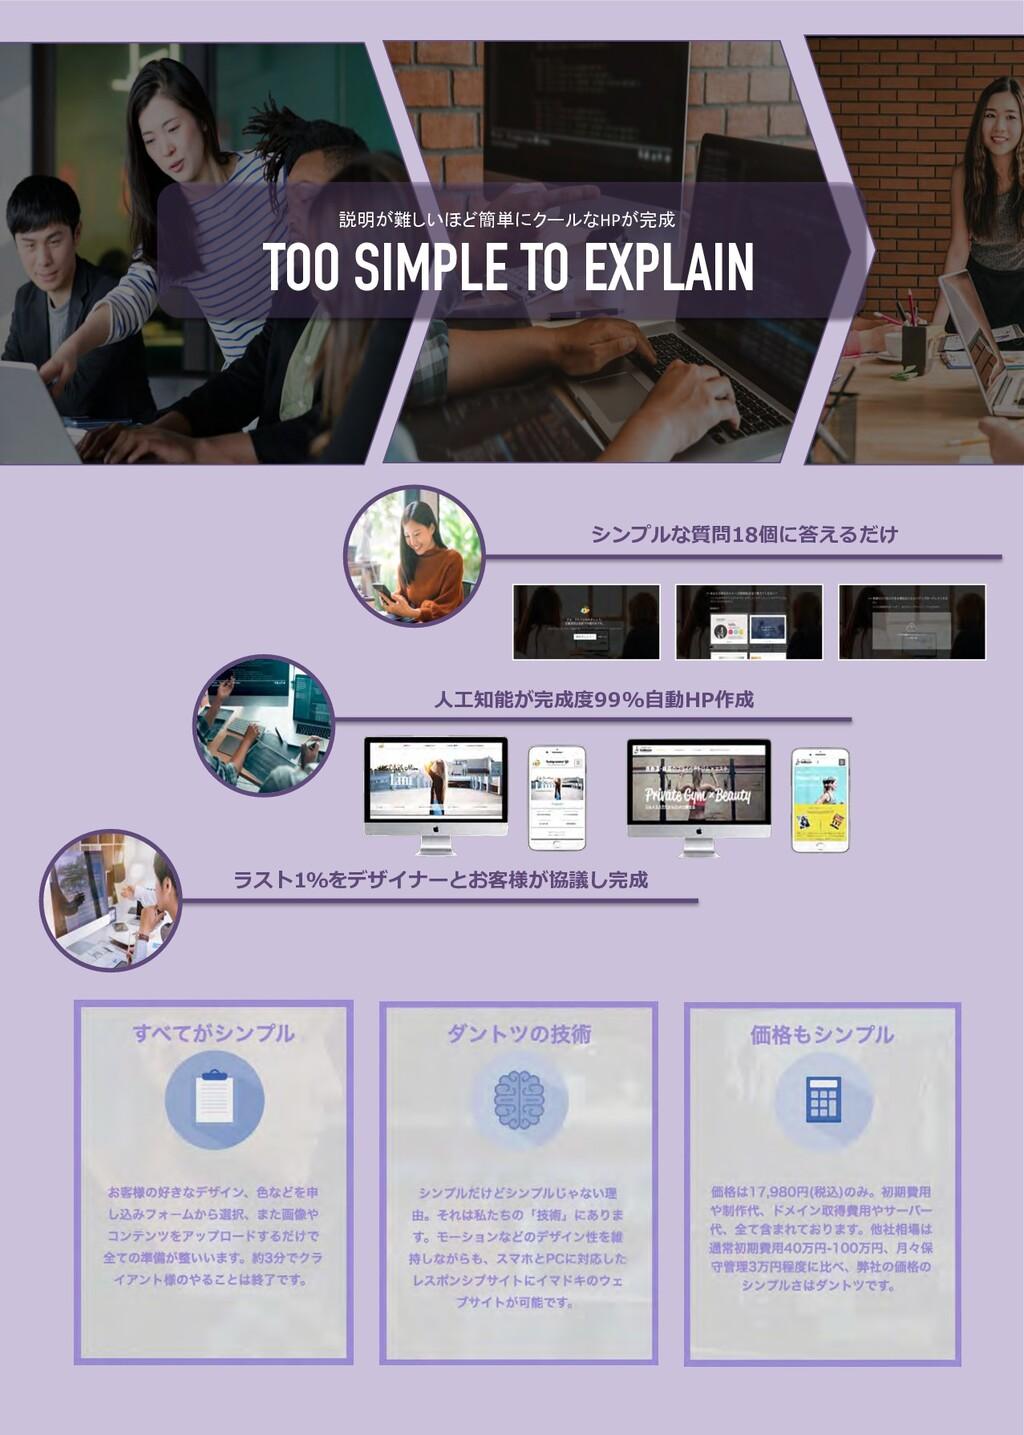 シンプルな質問18個に答えるだけ ⼈⼯知能が完成度99%⾃動HP作成 ラスト1%をデザイナーと...